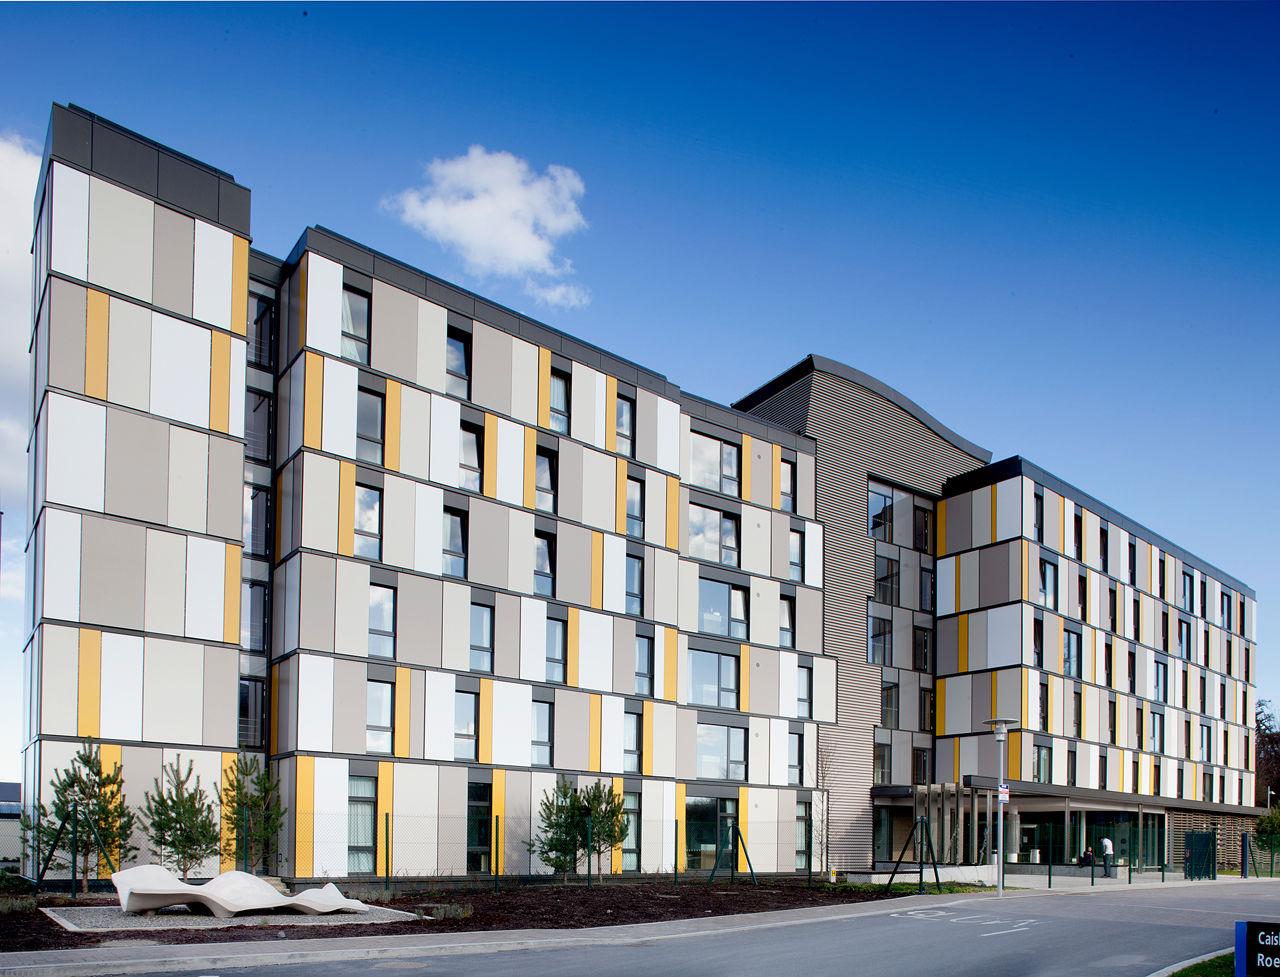 Residencial de Estudantes Roebuck Castle, UCD / Kavanagh Tuite Architects, © Paul Tierney